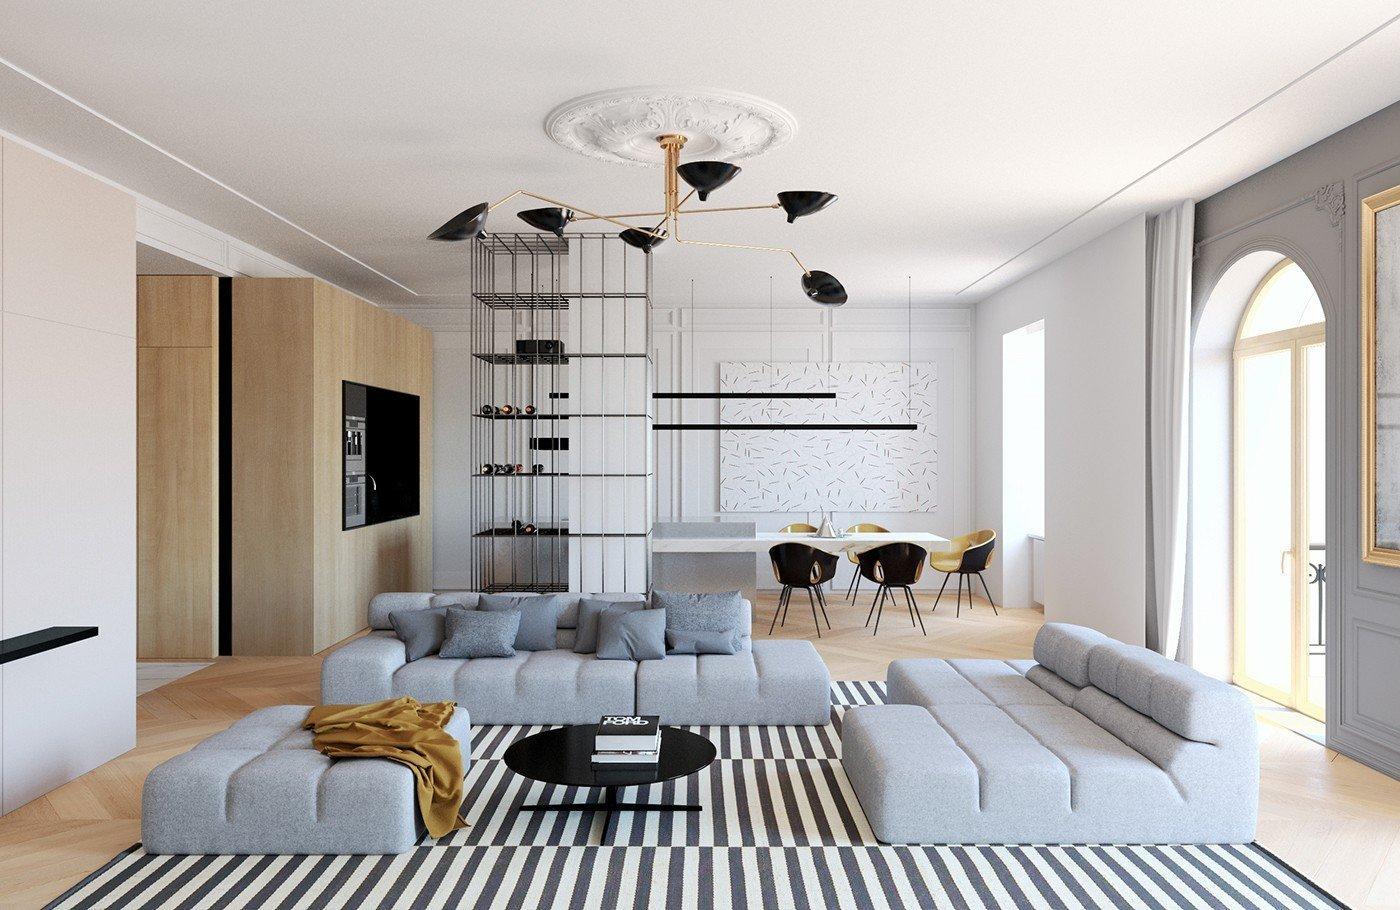 Je to vždycky škoda zakrýt tradiční prvky během renovace - ale půvab čerstvého moderního designu, je těžké projít nahoru. Tento příspěvek se dívá na dvě atraktivní interiéry, které zahrnují to nejlepší z obou světů díky zachování klasických architektonických detailů, zatímco zdobení se stylovým moderním nábytkem a osvětlovacích prvků. Tyto bar